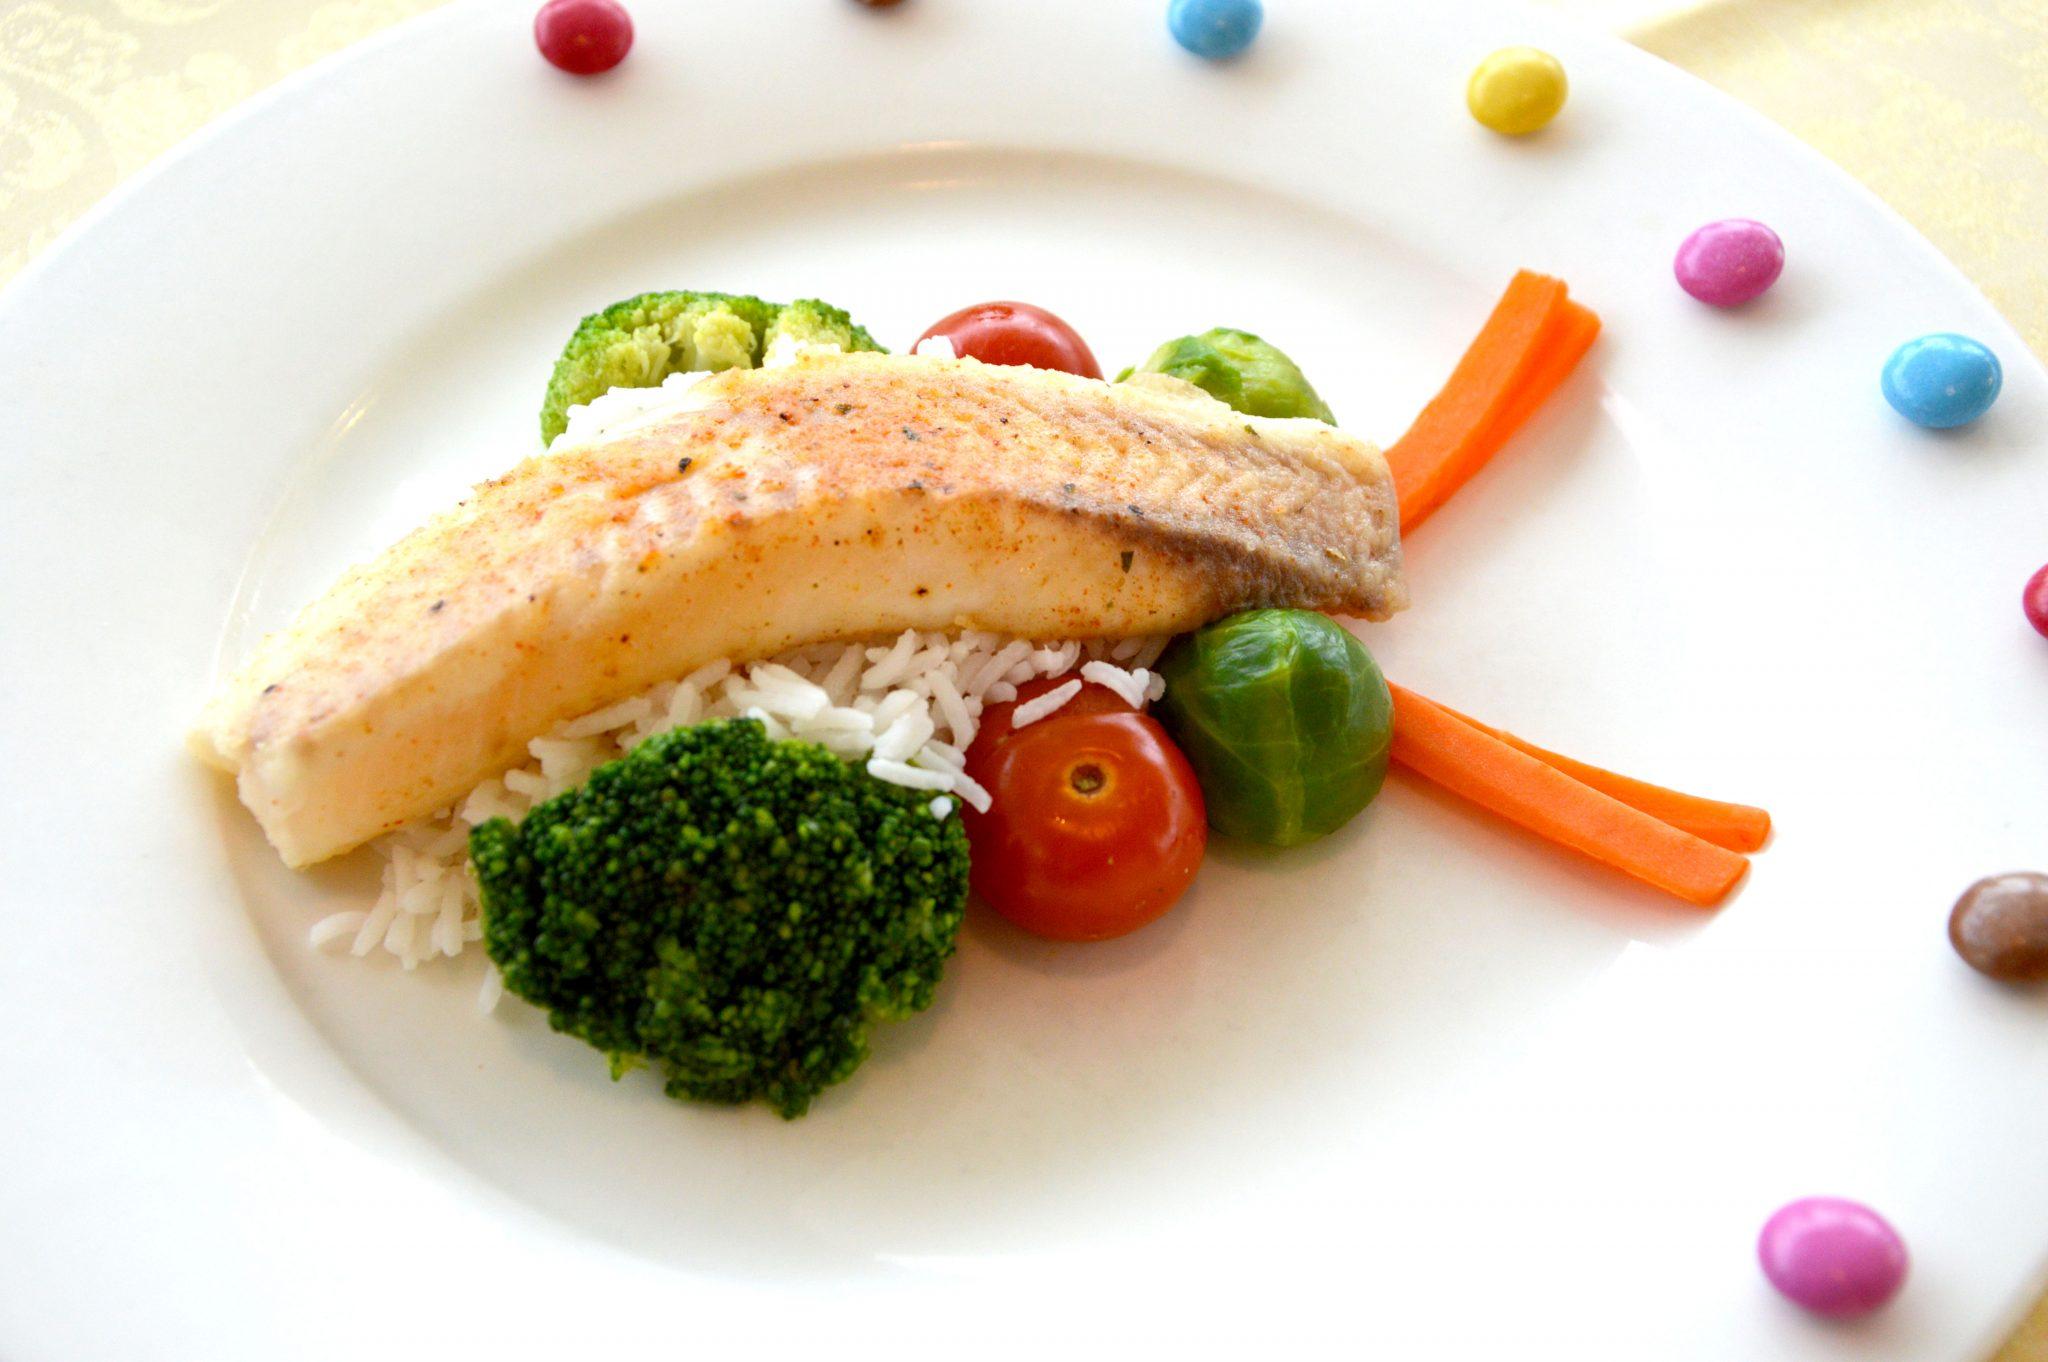 Parktherme bad Radkersburg Buntbarschfilet auf Reis mit saisonalem Gemüse